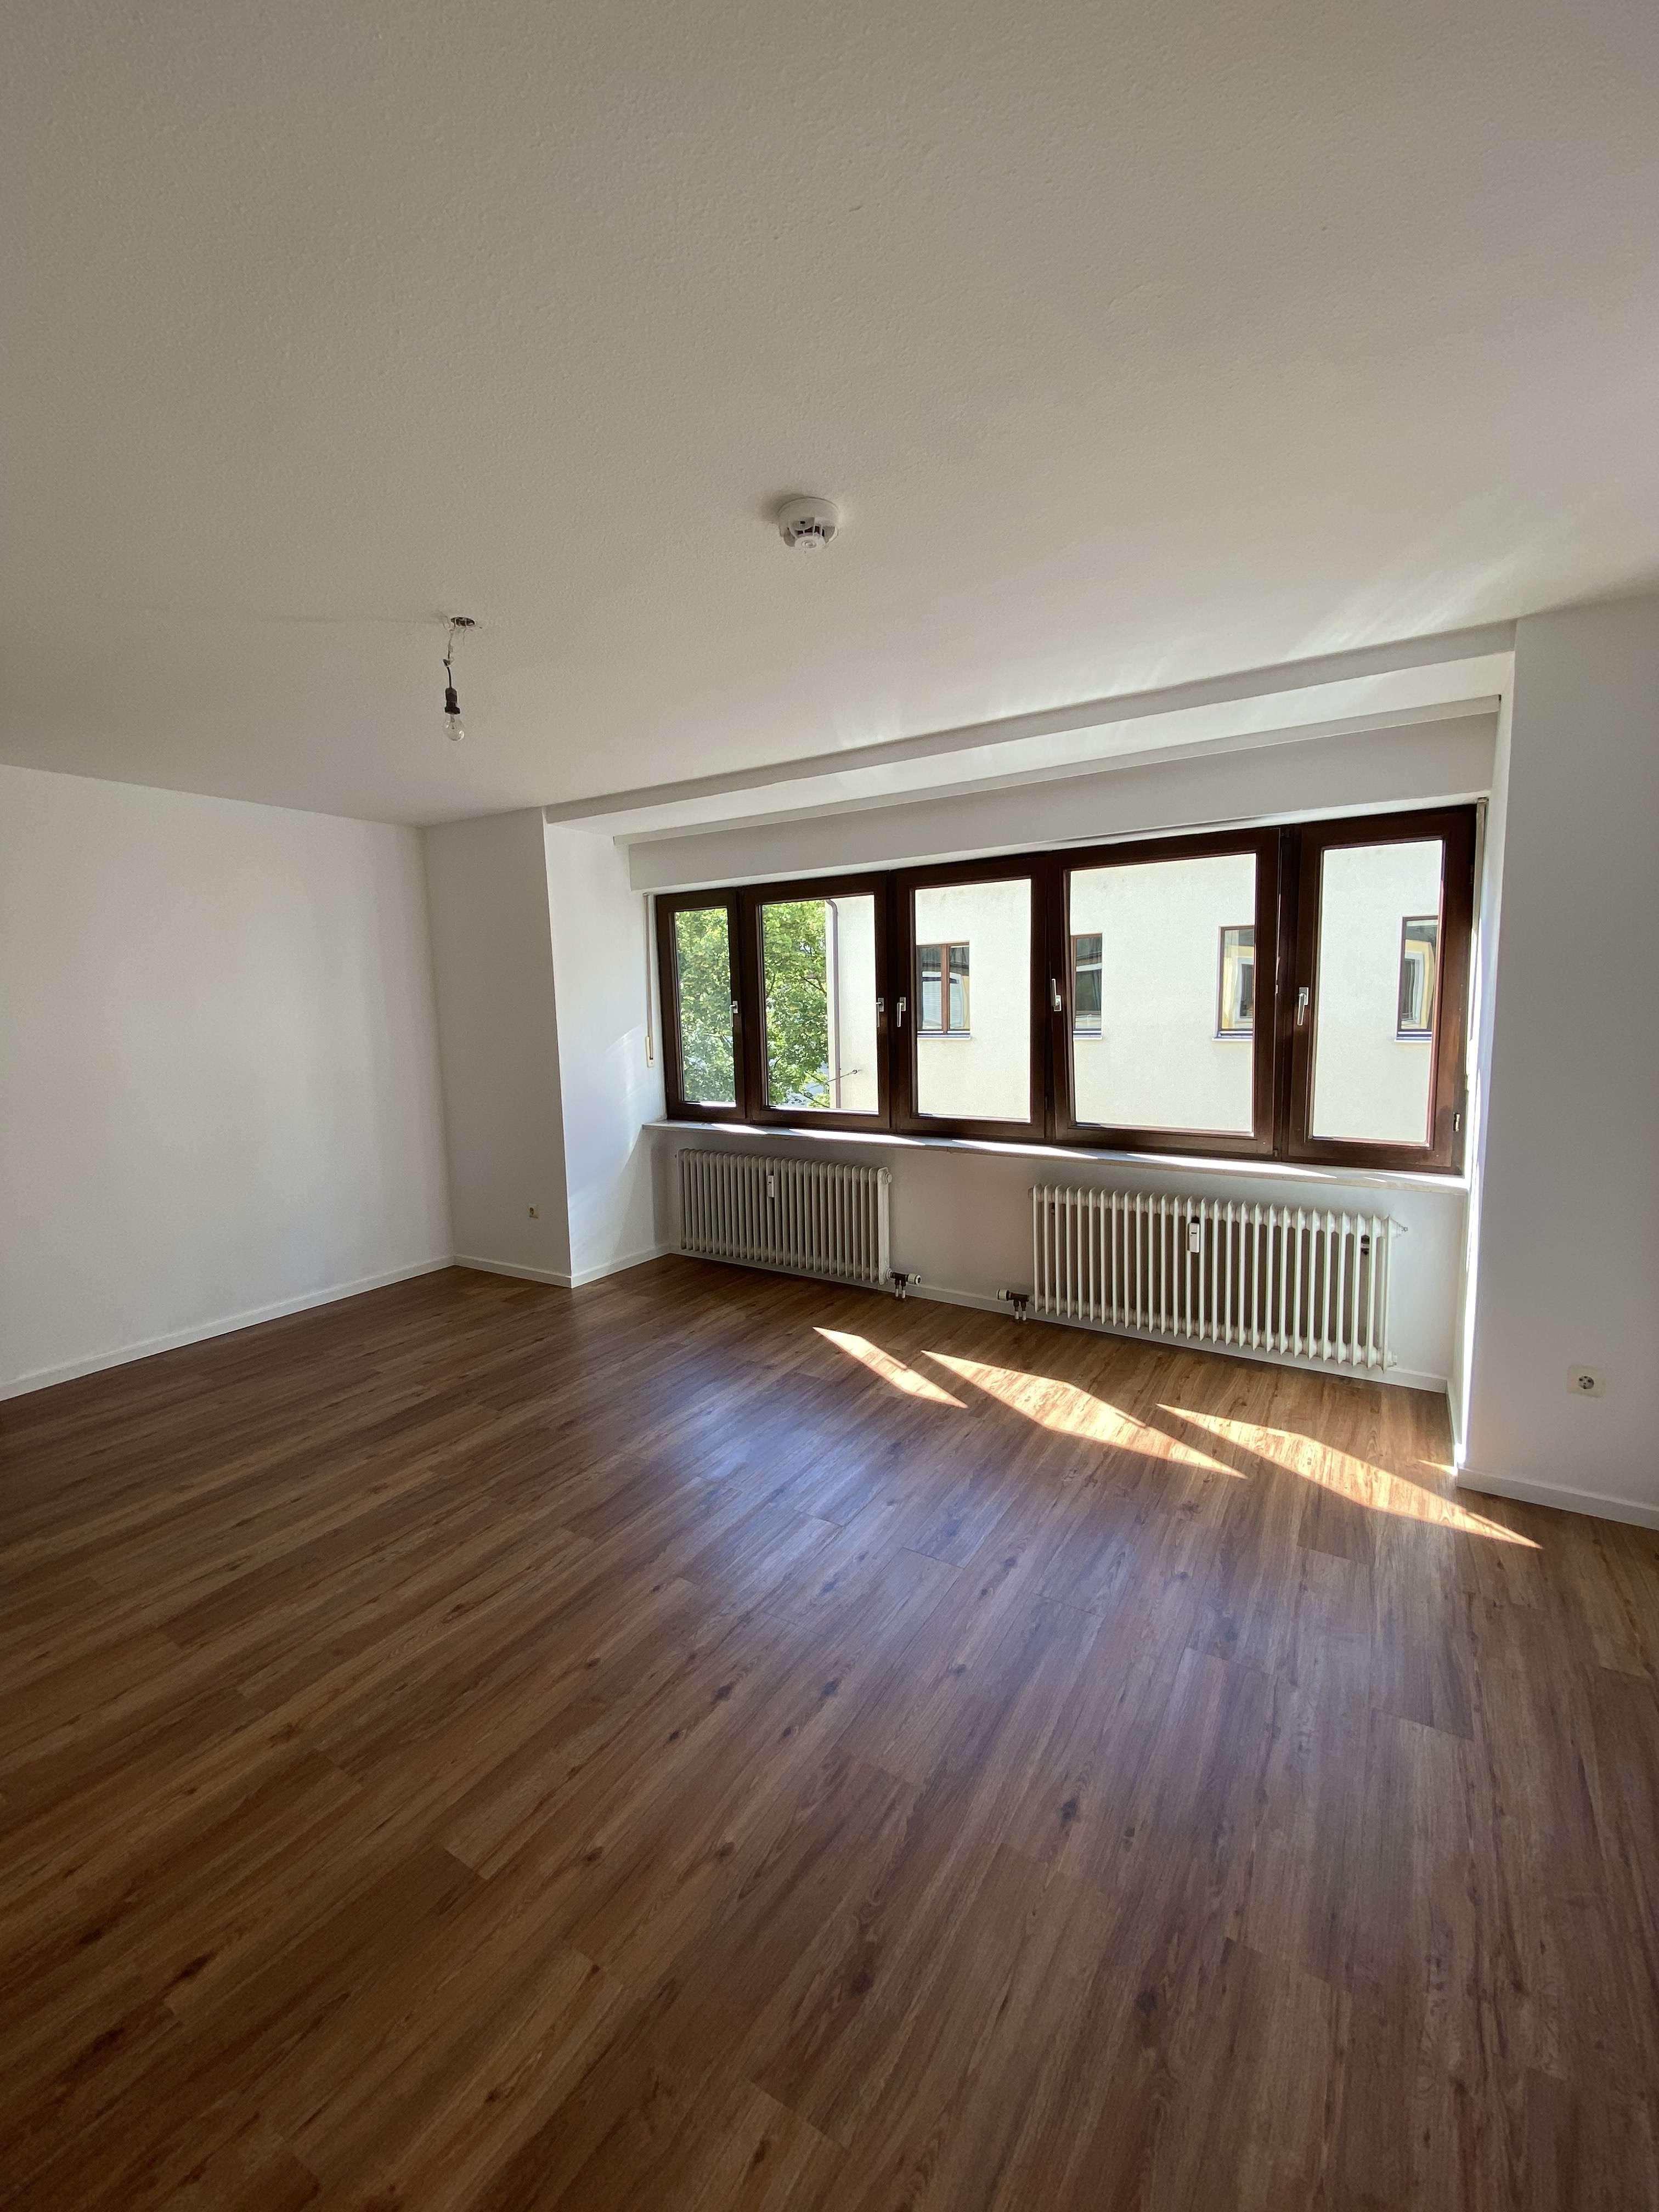 Freundliche, helle und sanierte 2-Zimmer Wohnung in Top-Lage in